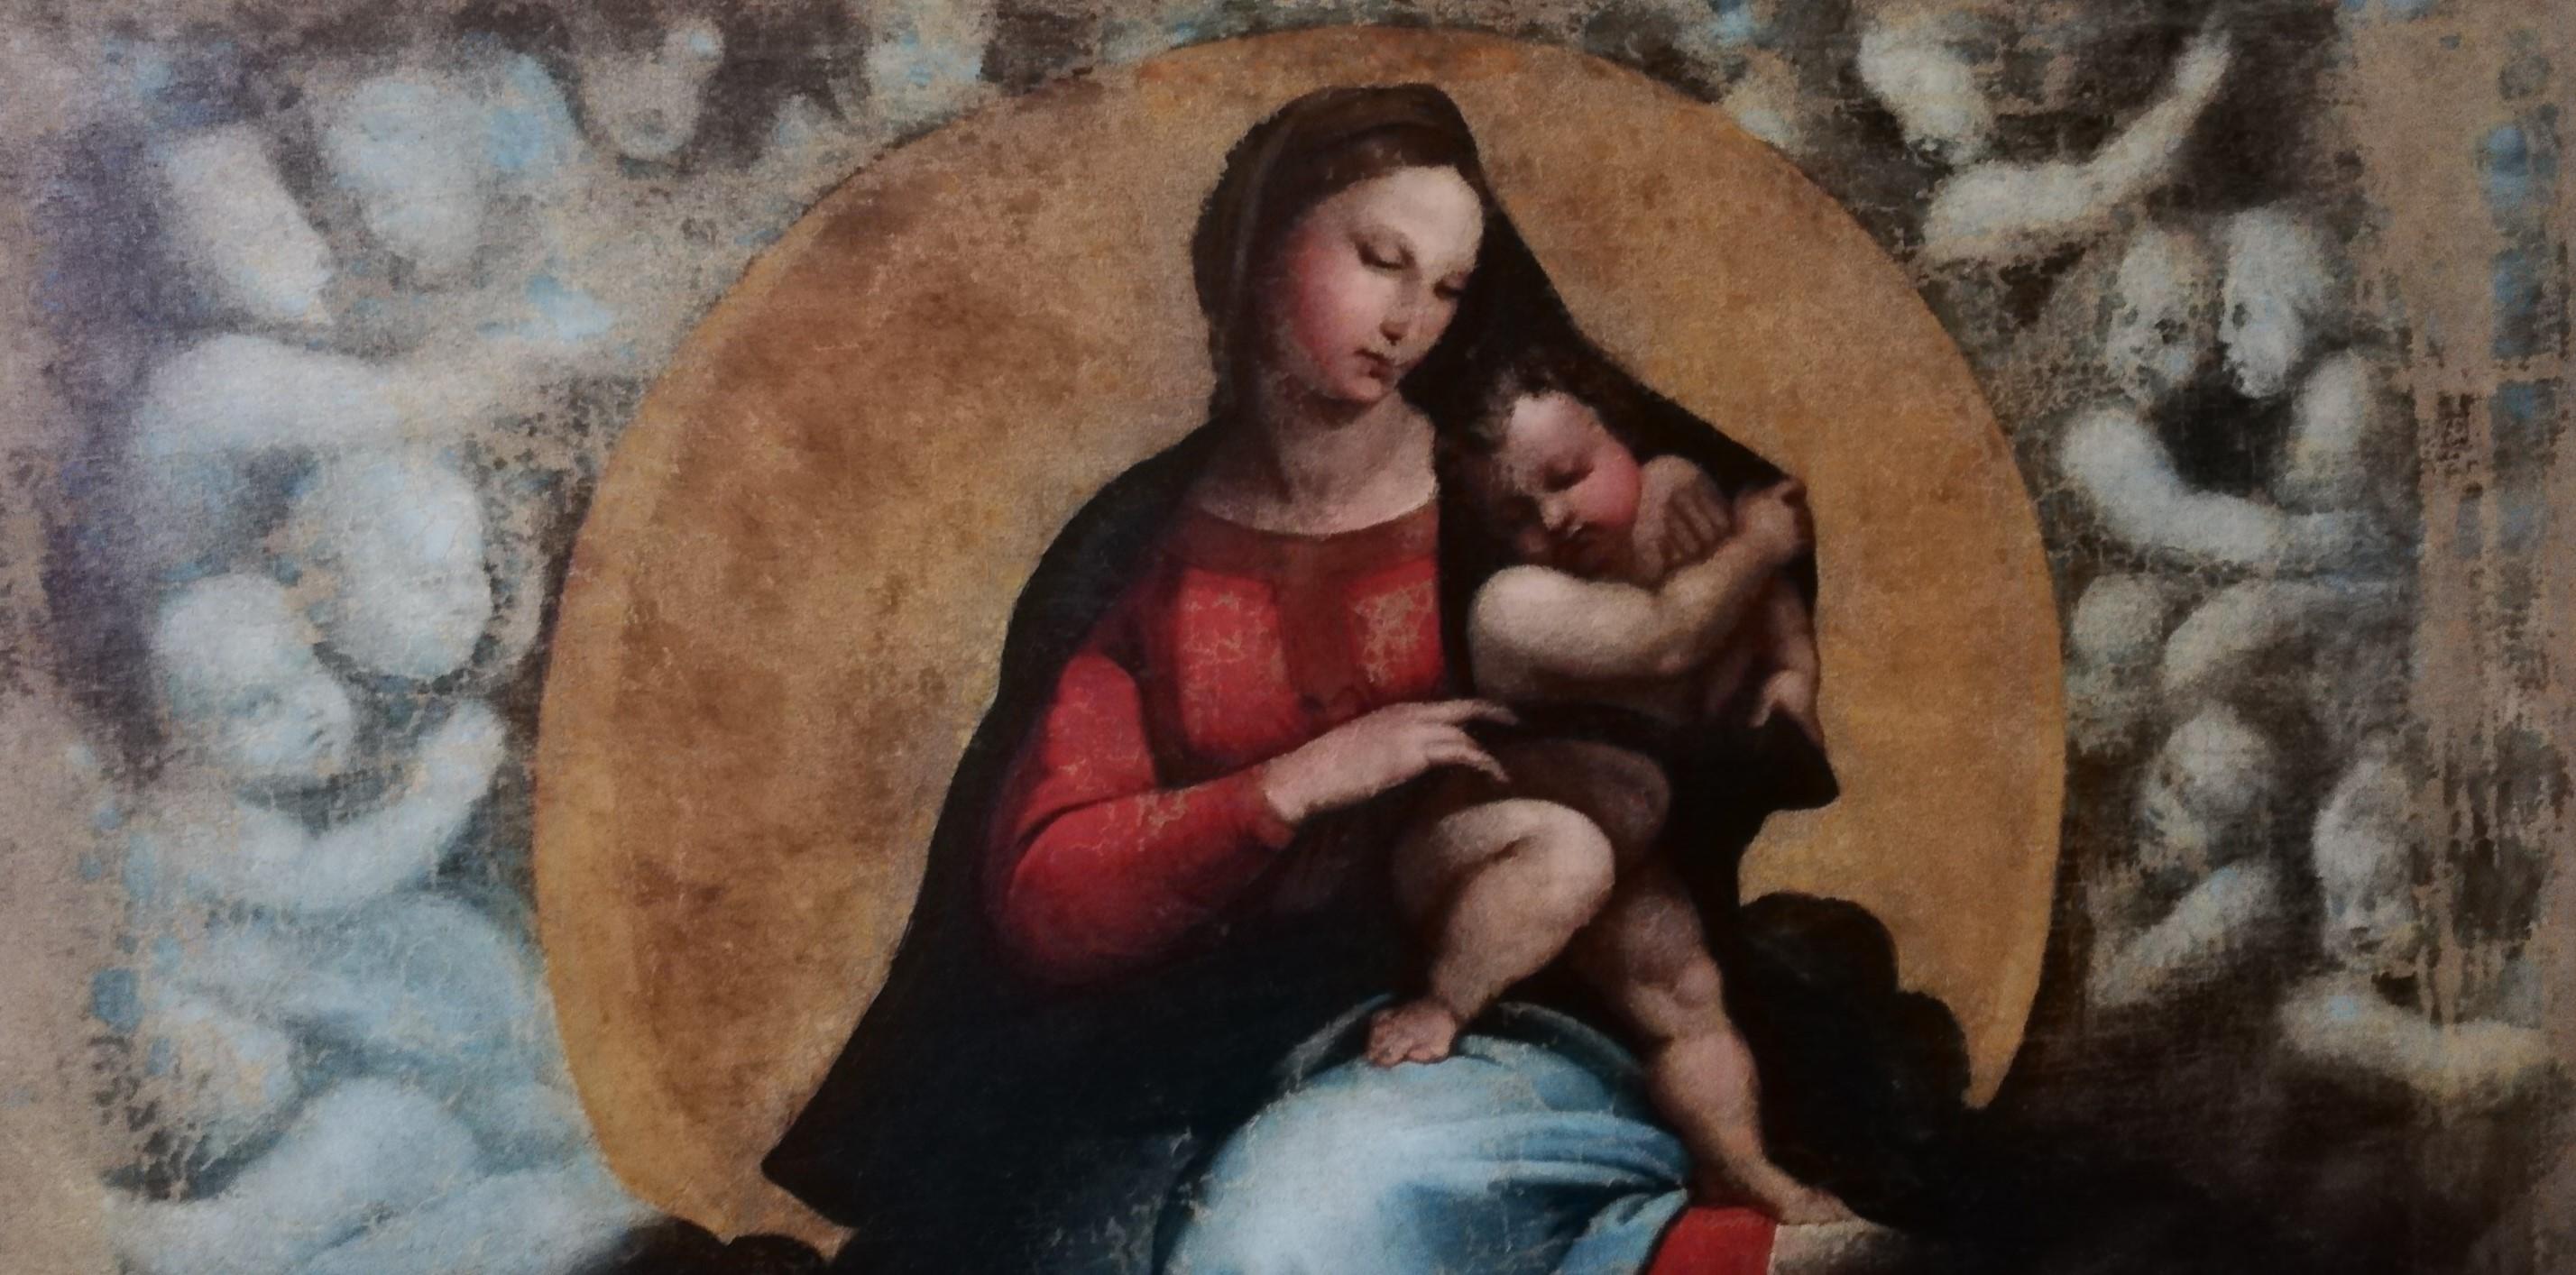 Sistine Madonna - Pittura Dallartista Raphael Santi Alla